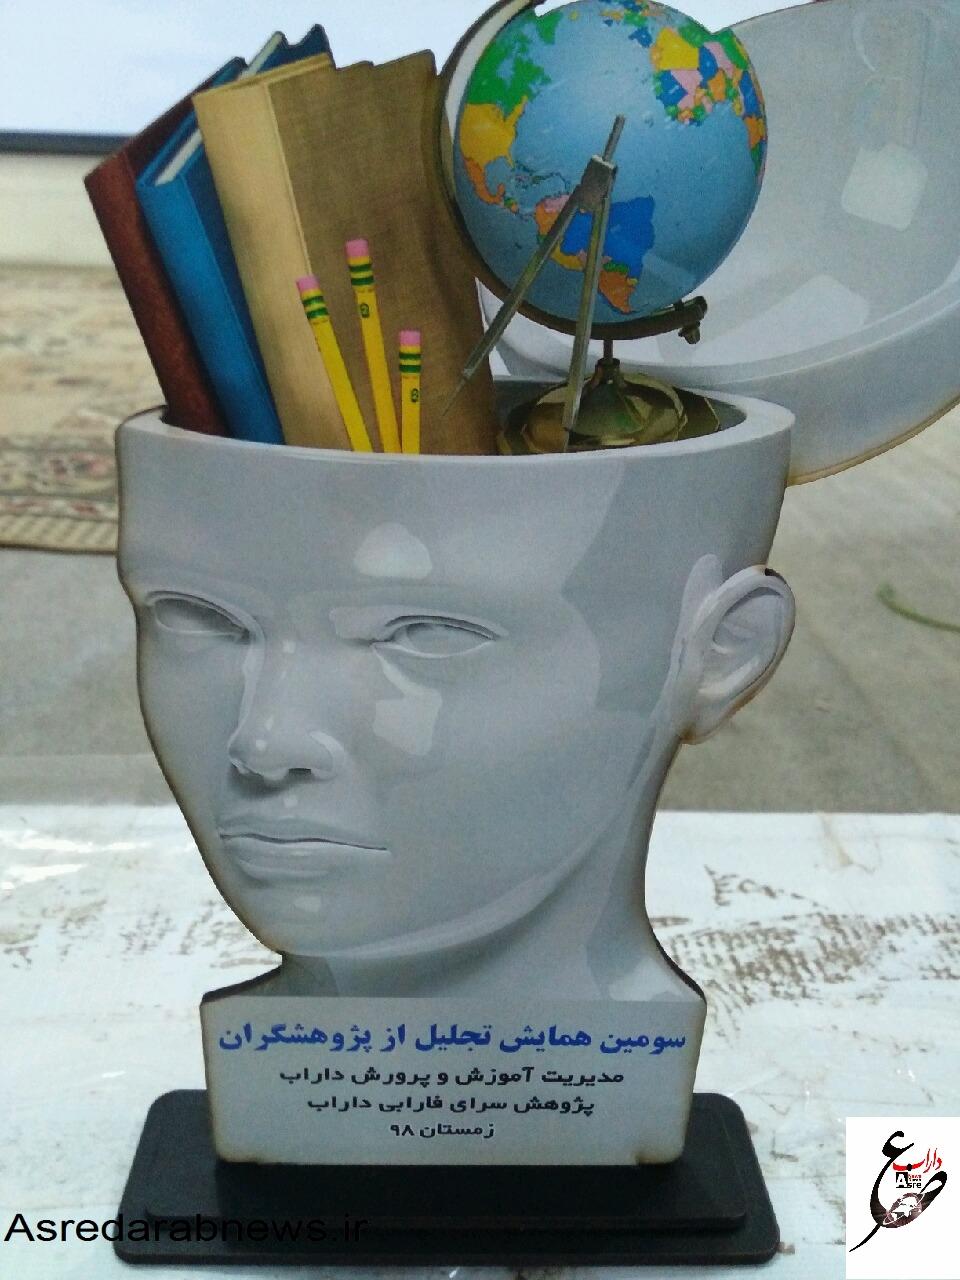 از دانش آموزان دارابی دارای مقام کشوری، استانی و شهرستانی تجلیل شد